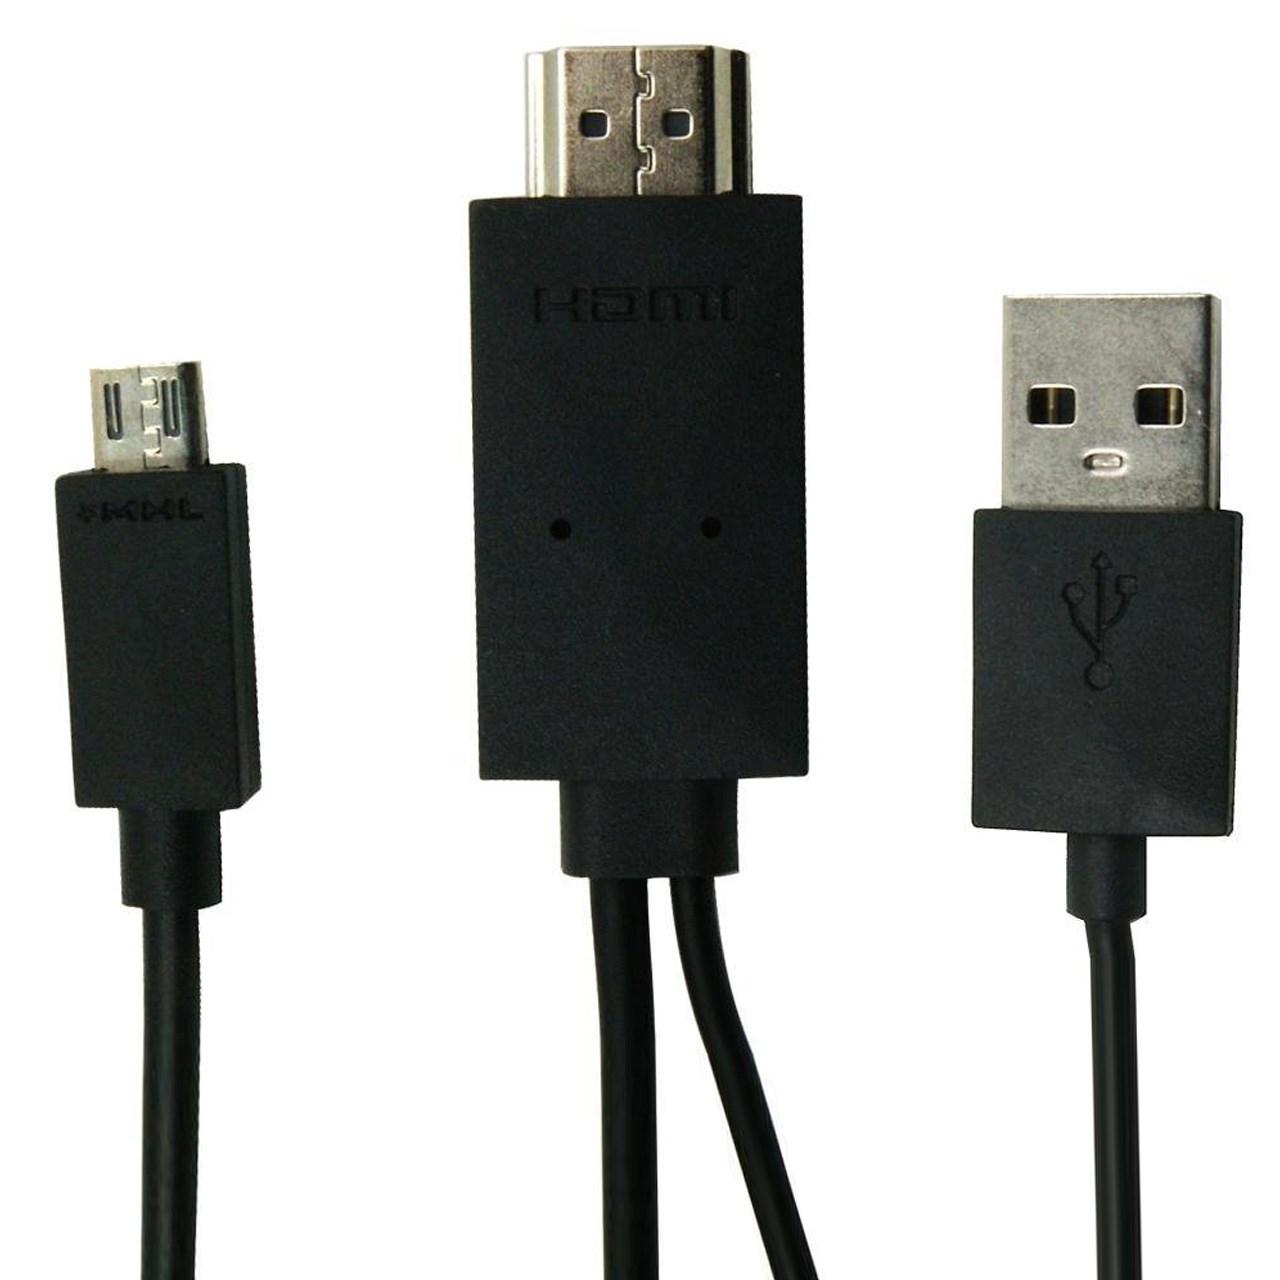 کابل تبدیل MHL به HDMI طول 1.8 متر              ( قیمت و خرید)